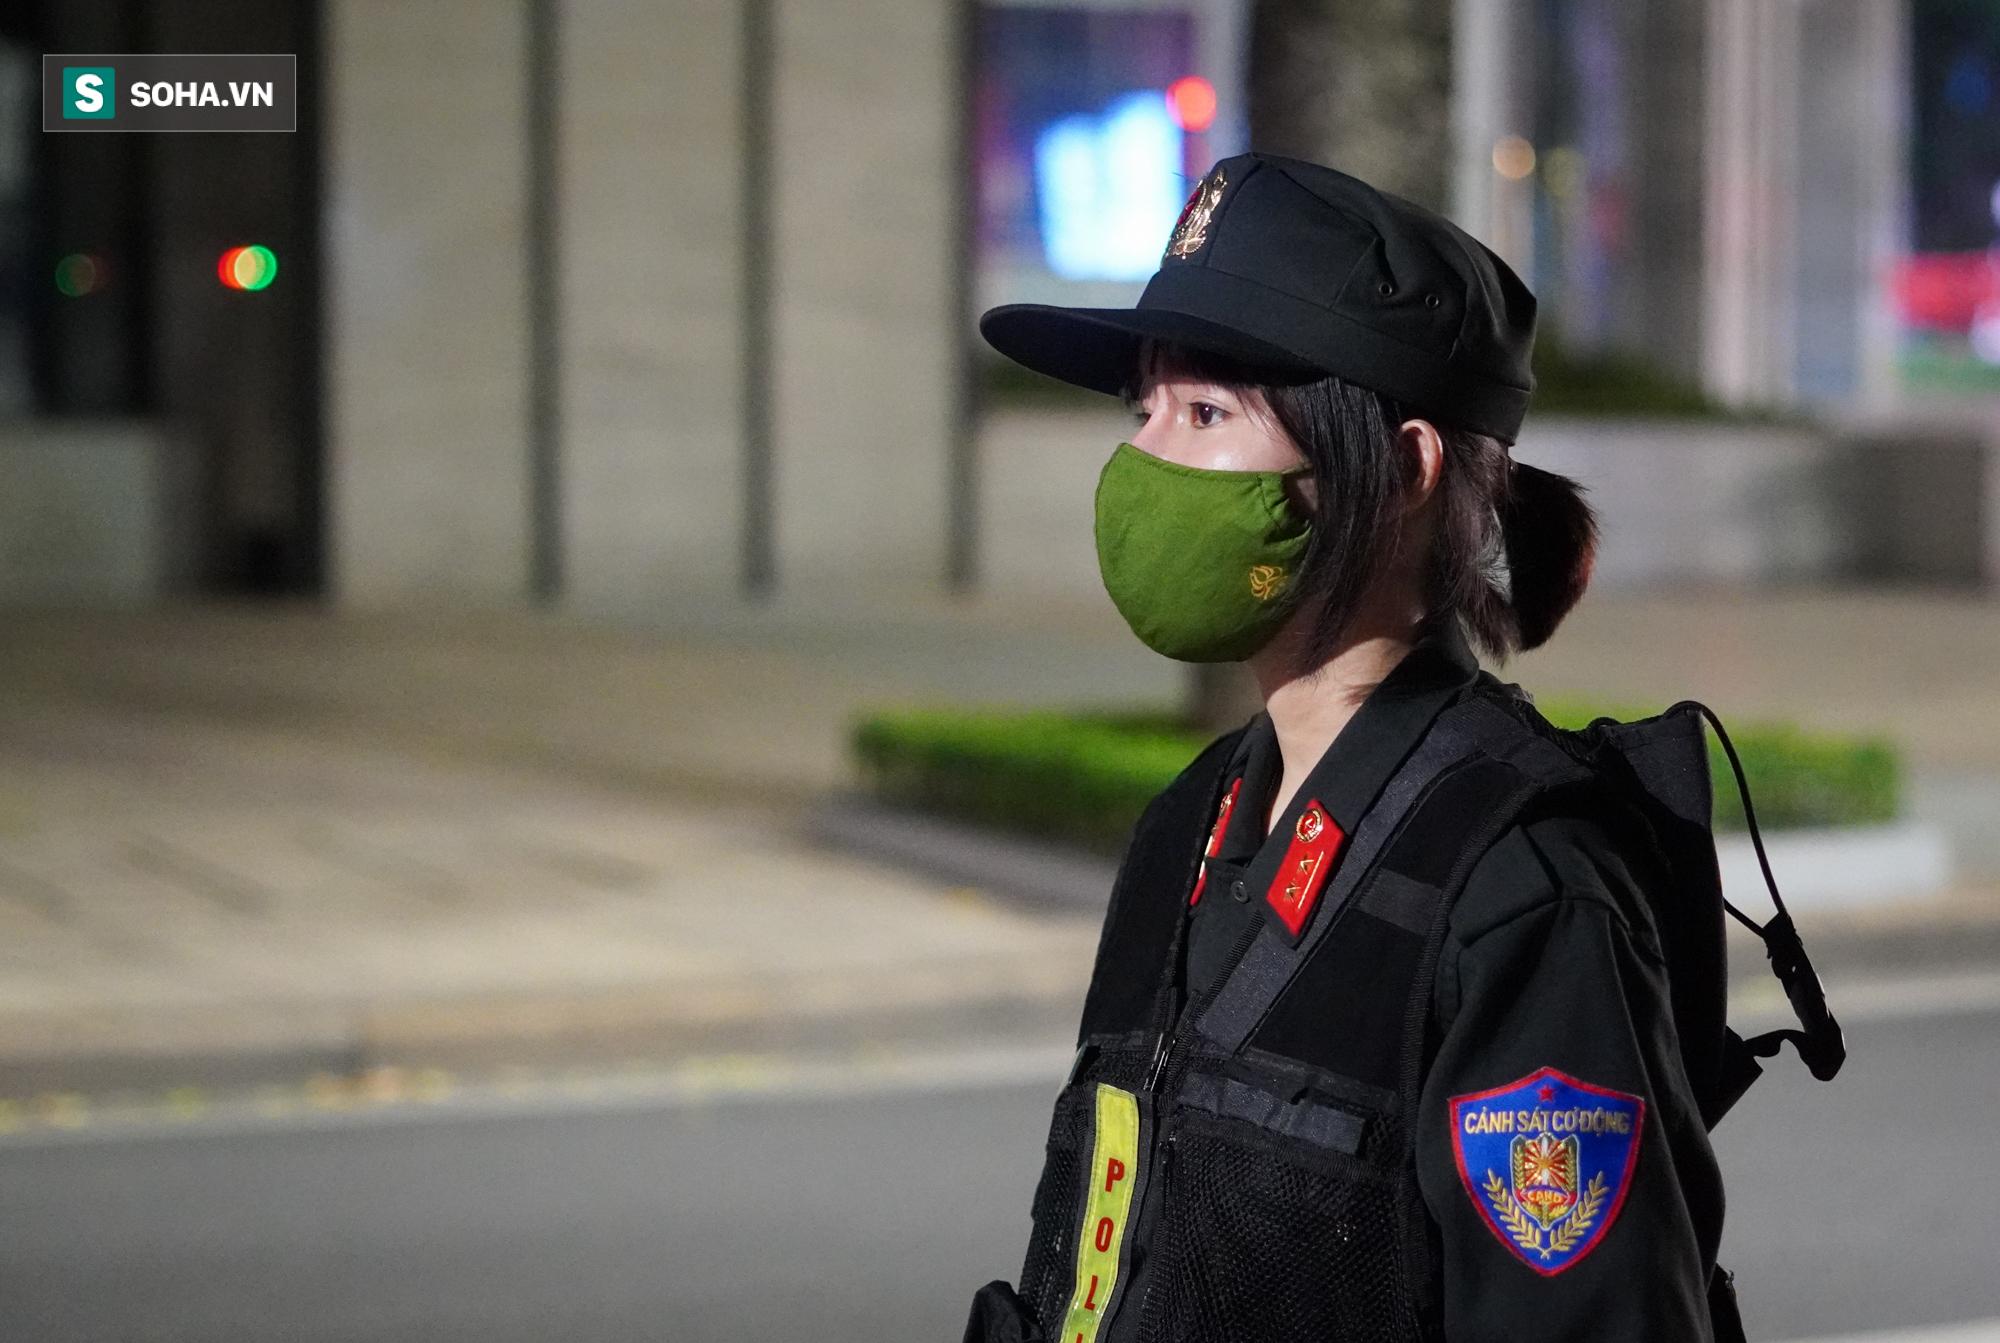 Nữ cảnh sát đặc nhiệm đầu tiên của tổ 141: Quen với những đêm trắng vì sự bình yên của người dân - Ảnh 10.